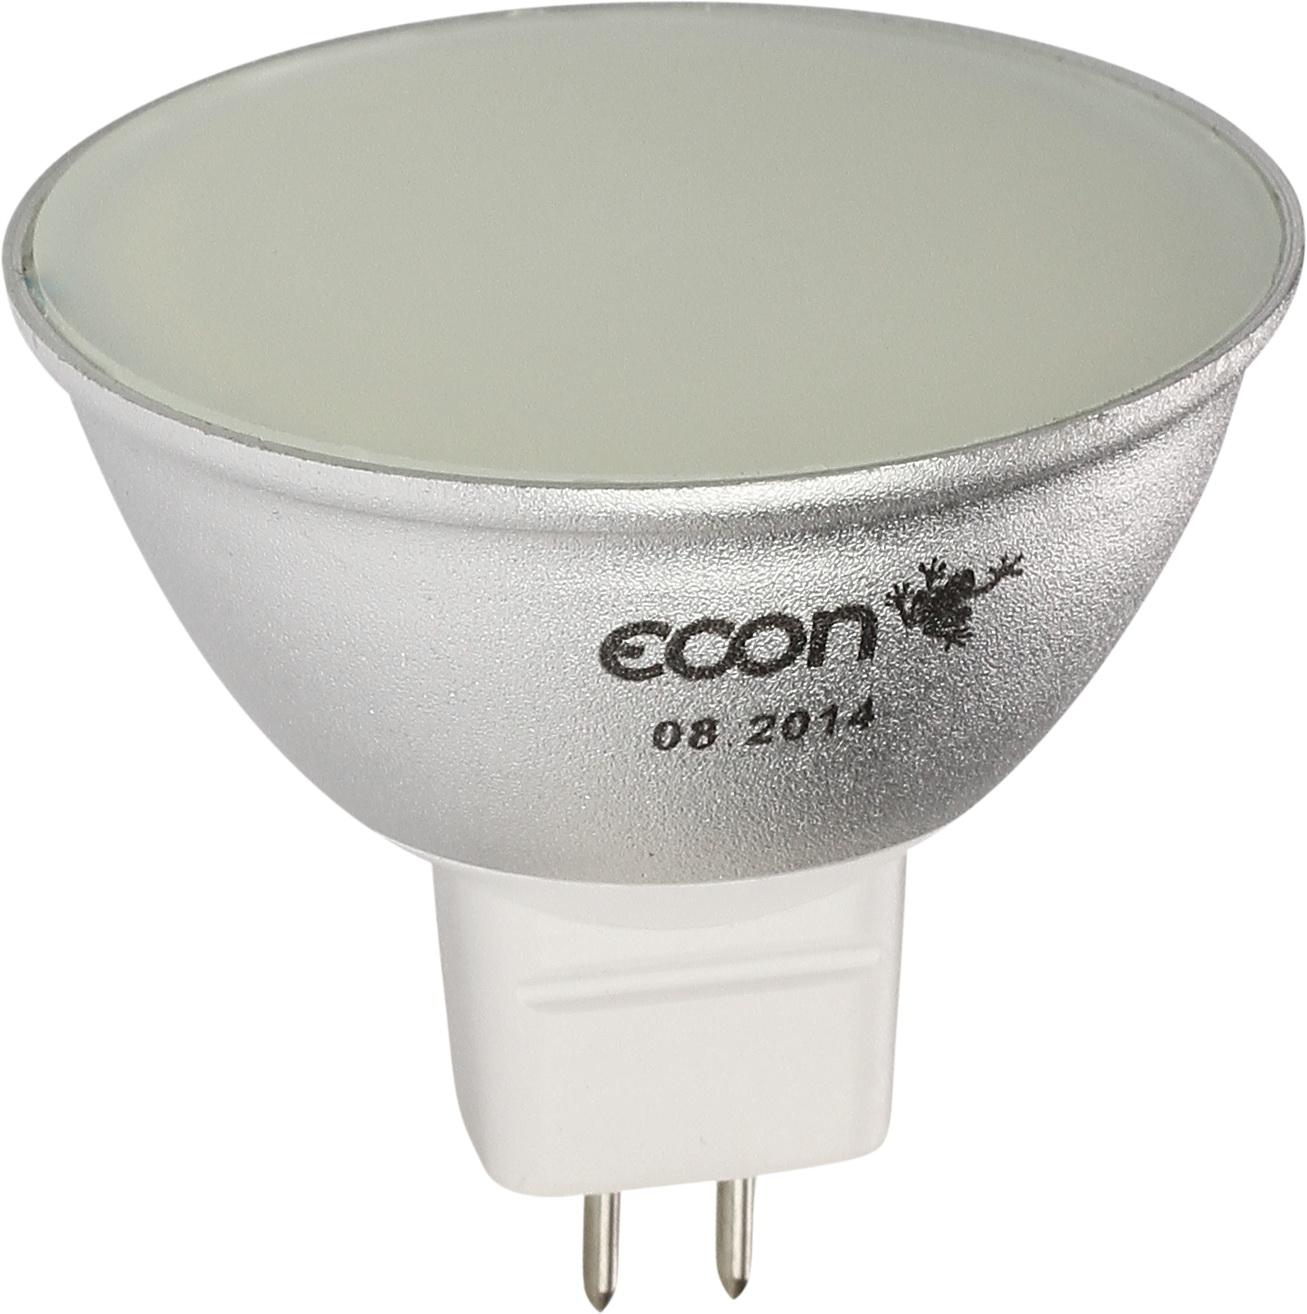 Купить Лампа светодиодная Econ Led mr 5Вт gu5.3 3000k 220v